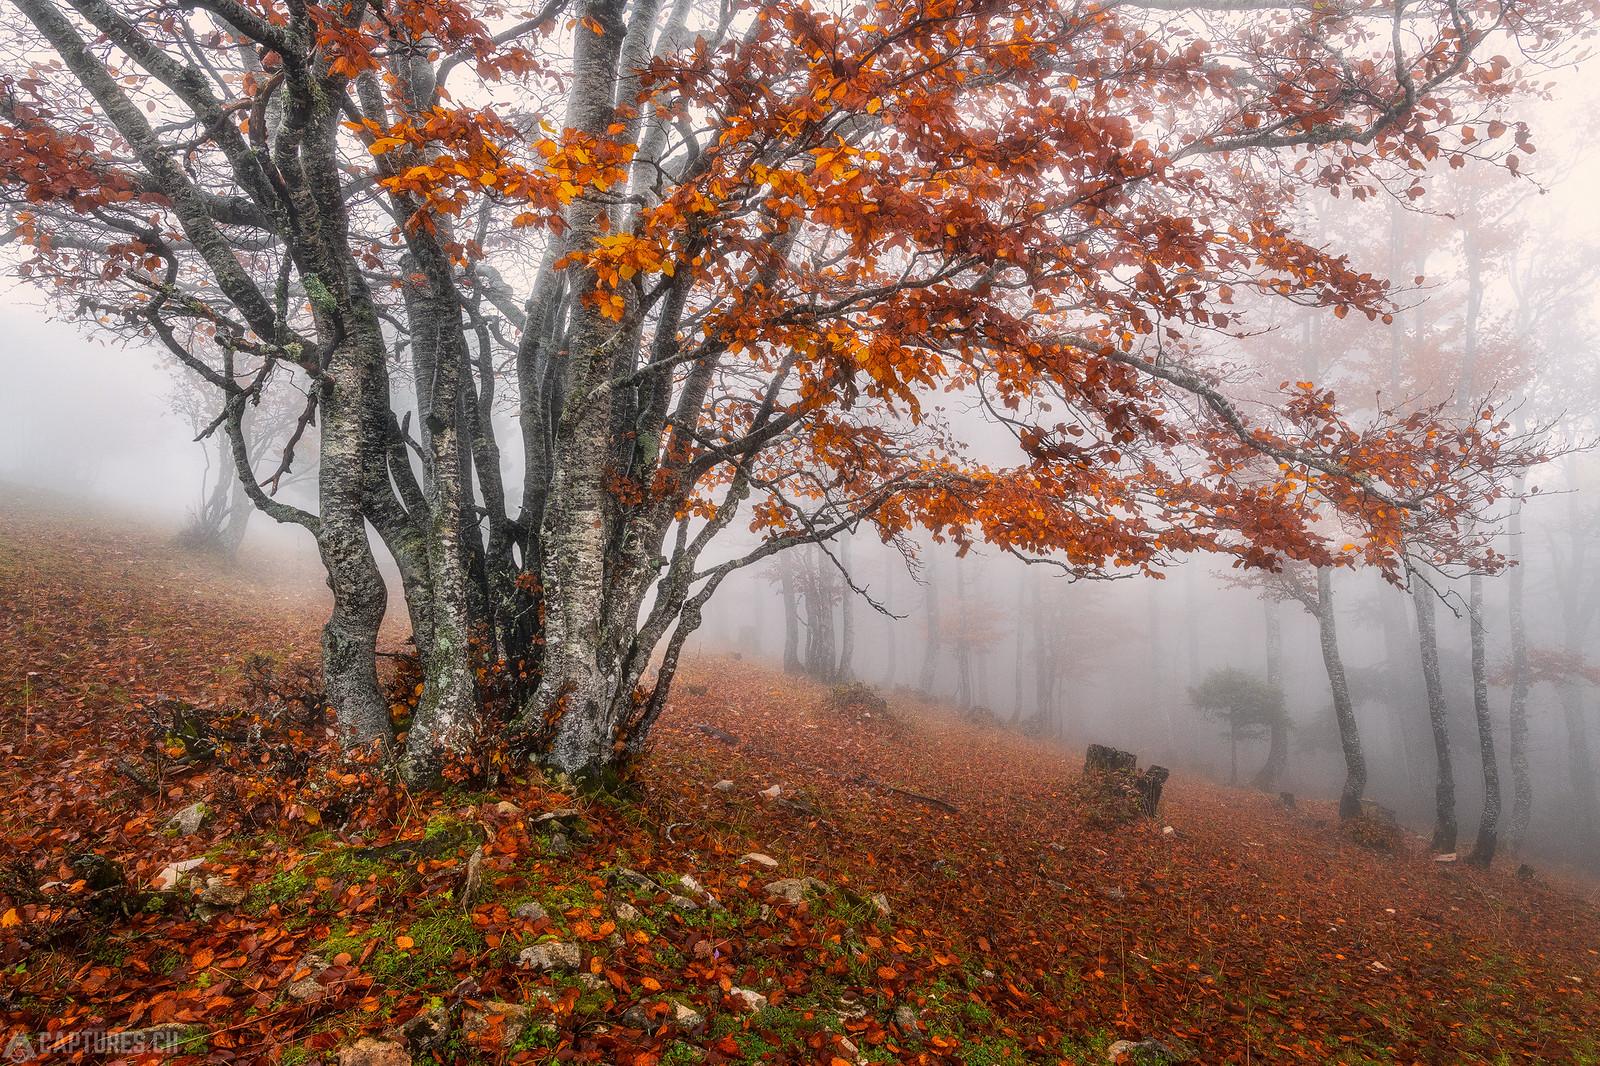 Red tree in the fog - Weissenstein